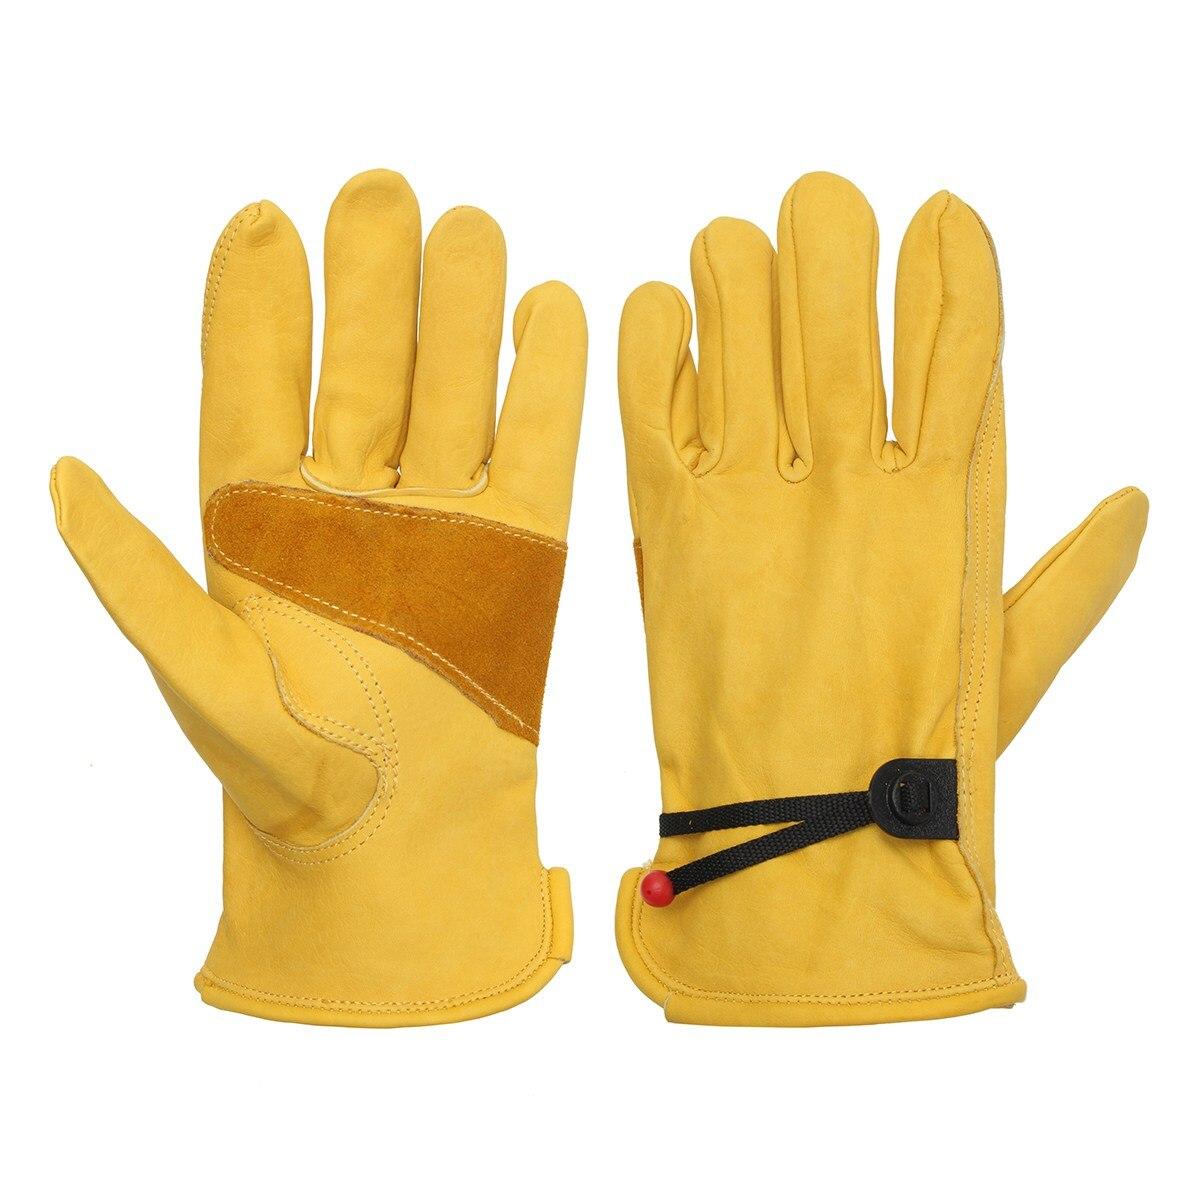 1 par de guantes Vintage de cuero amarillo para motocicleta, guantes antideslizantes para montar en bicicleta, trabajo, caza, dedos completos, S M L XL Universal